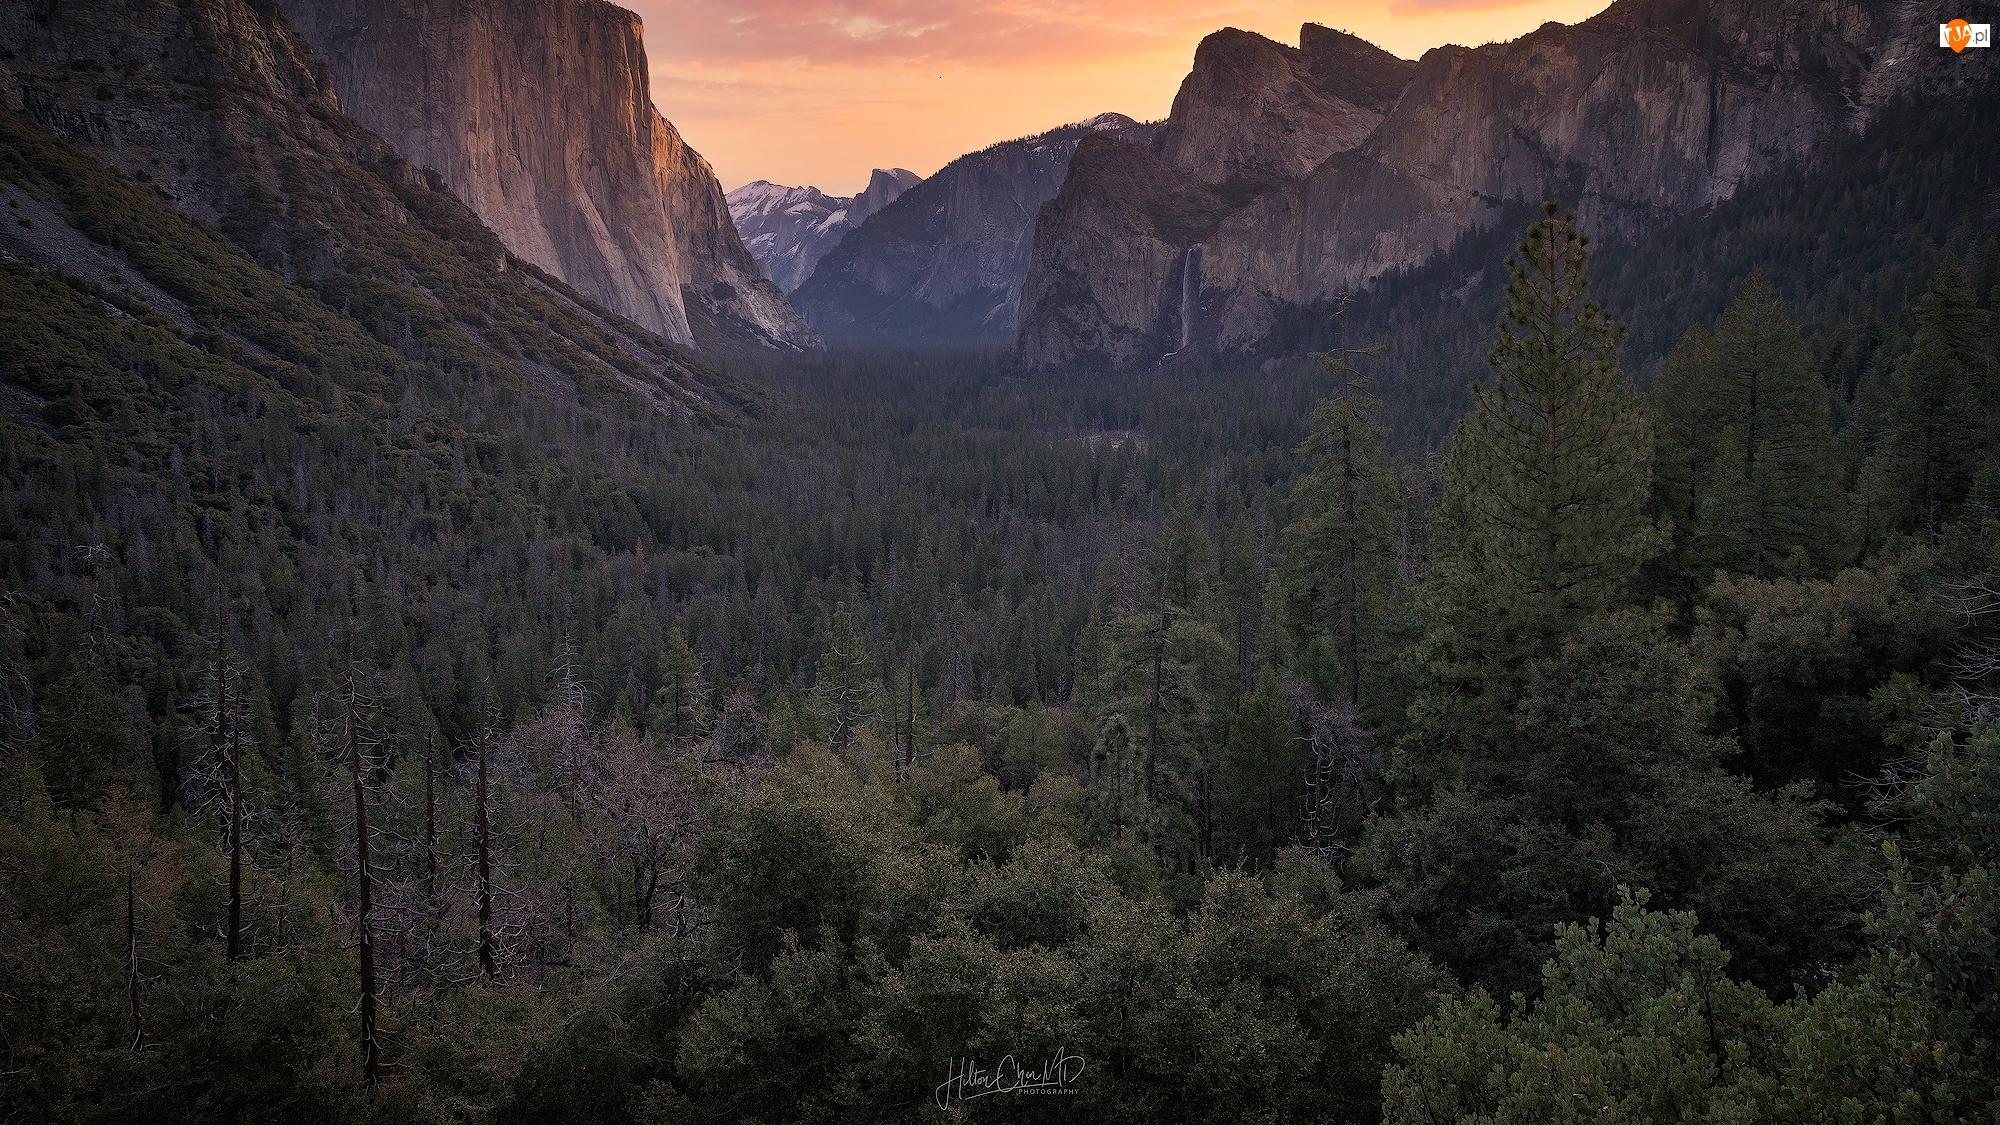 Stany Zjednoczone, Wodospad, Bridalveil Falls, Góry, Park Narodowy Yosemite, Wschód słońca, Drzewa, Dolina Yosemite Valley, Lasy, Kalifornia